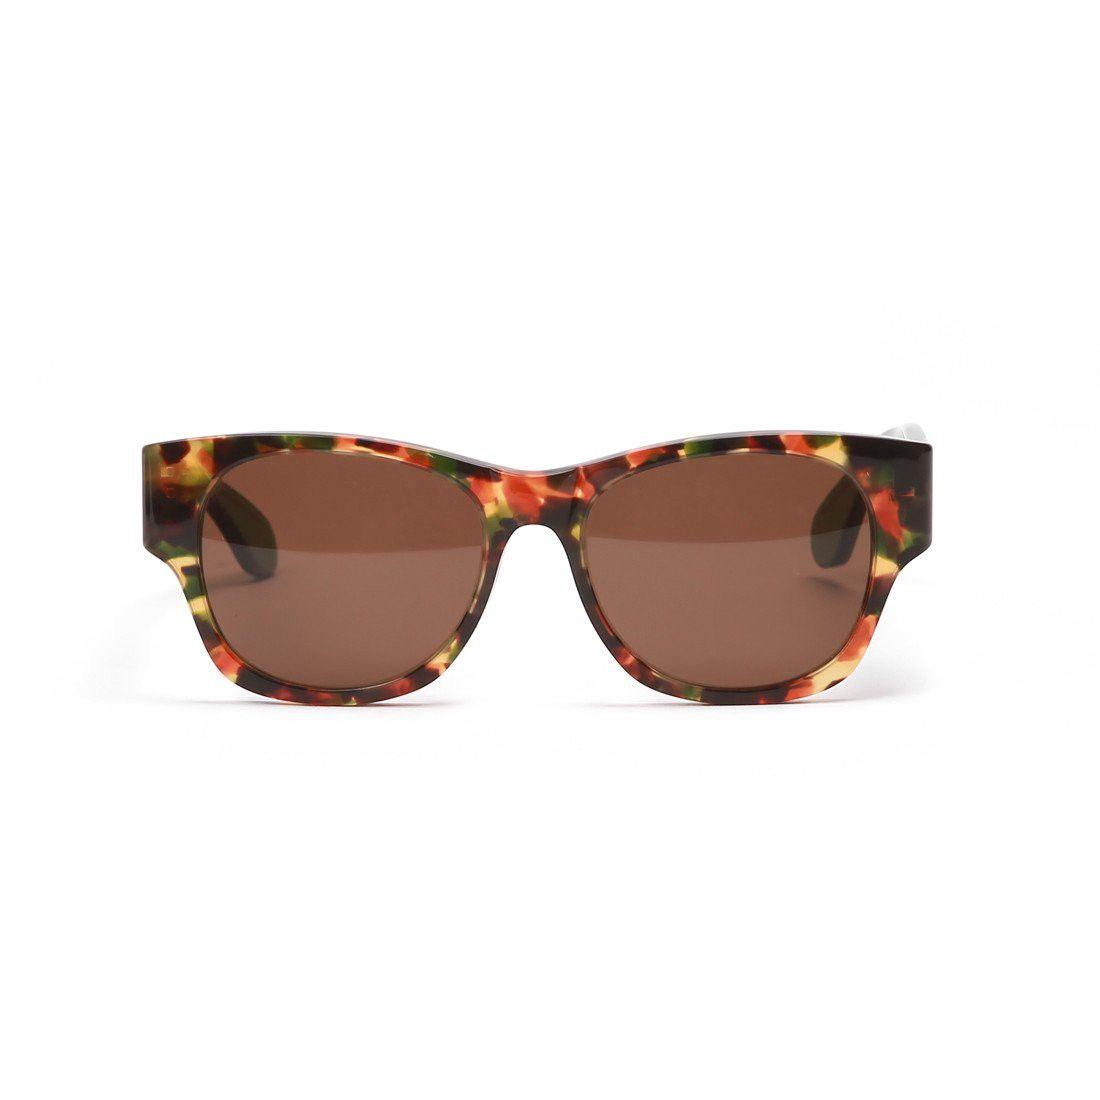 DEL TORO Del Toro x Reds Limited Edition Collaboration Copacabana Green Portofino Sunglasses. #deltoro #